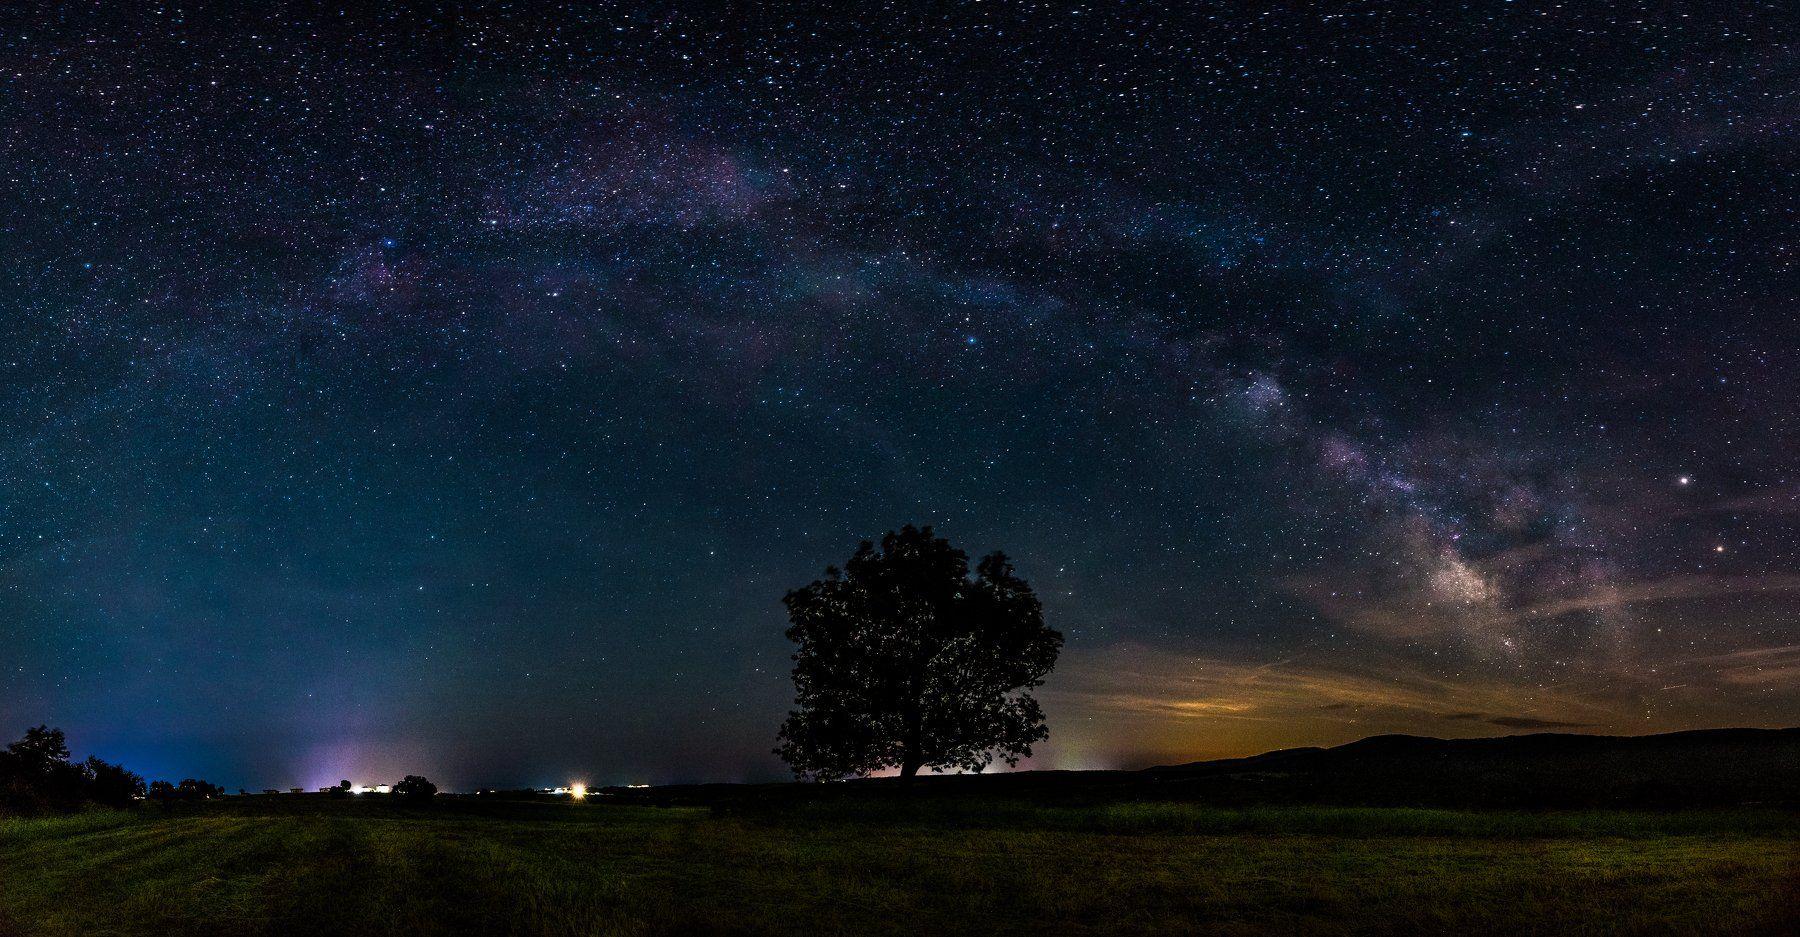 milky way, summer, night, star, tree, Jeni Madjarova